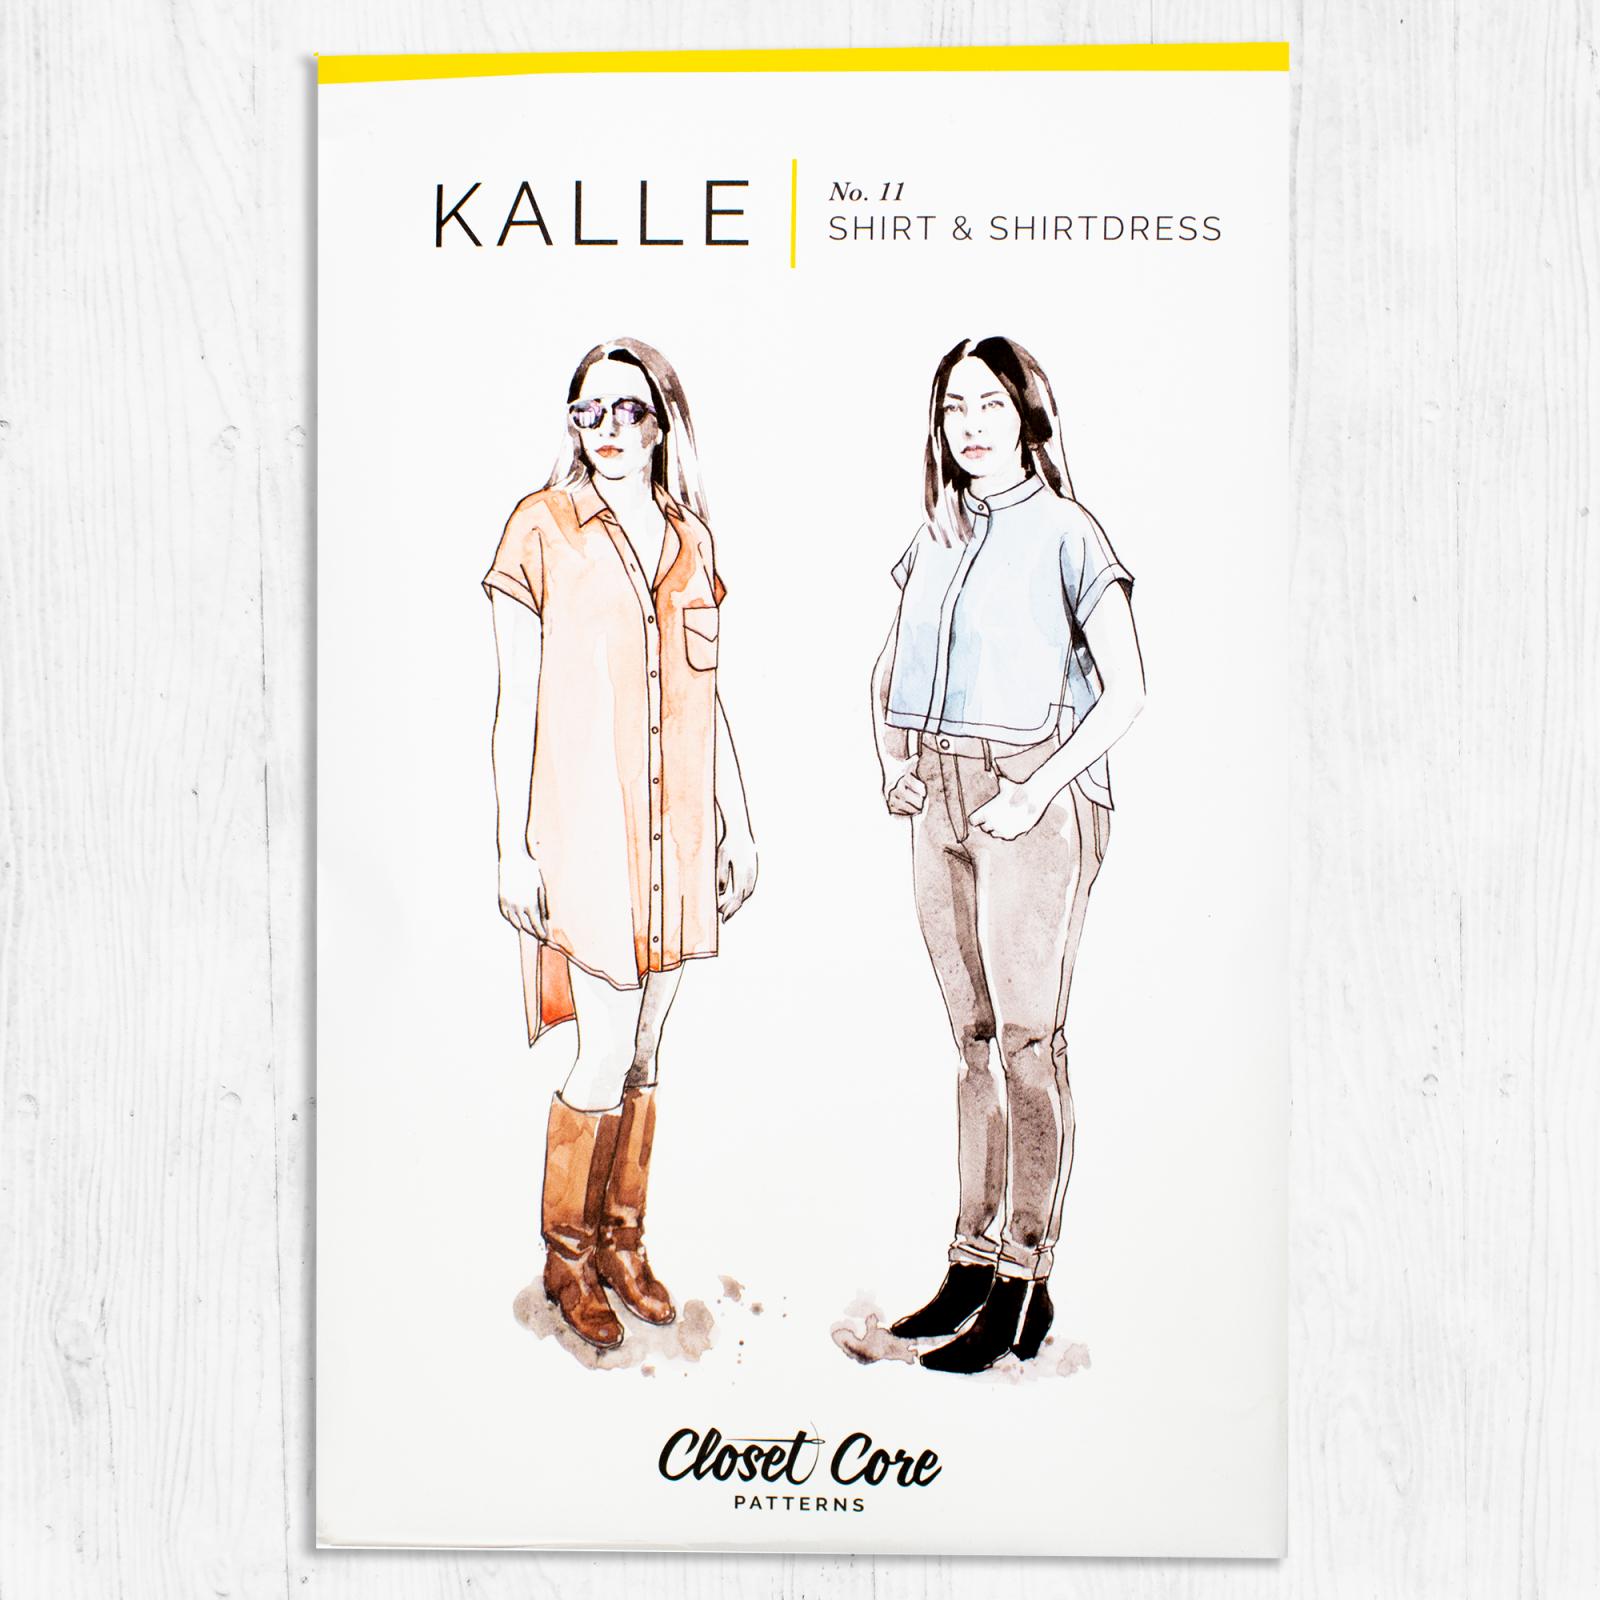 Closet Core Patterns - Kalle Shirt & Shirtdress